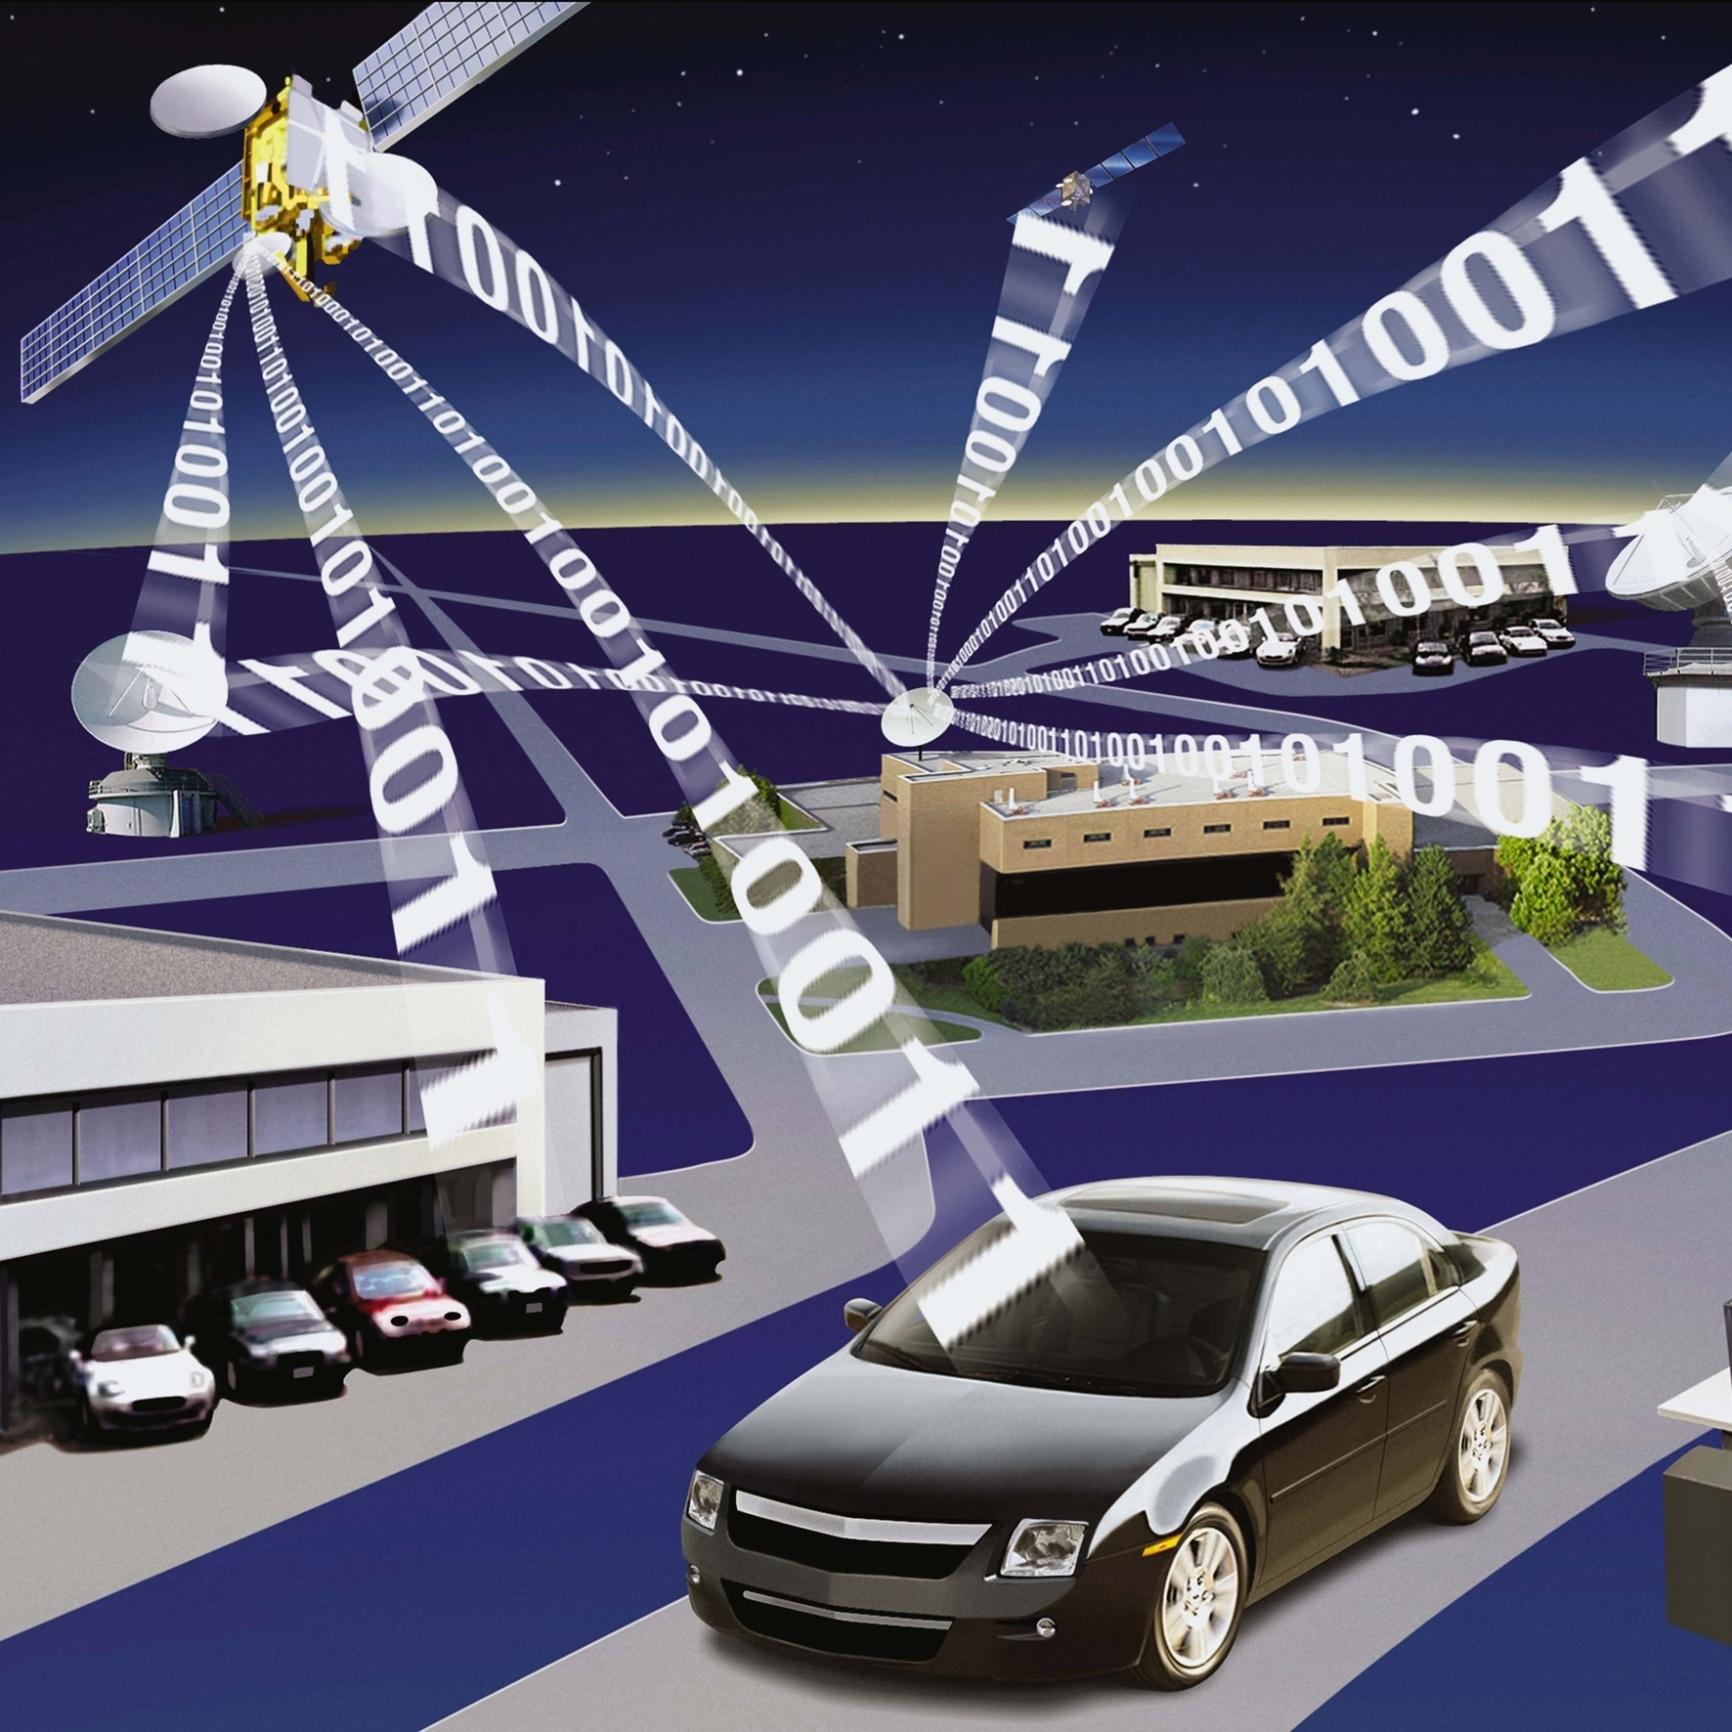 mid Groß-Gerau - Moderne Pkw senden allerlei Daten an die Automobil-Hersteller. Dazu zählen zum einen Informationen zur Fahrweise, zum anderen aber auch sehr private Inhalte wie auf einem per Bluetooth verbundenen Smartphone gespeicherte Fotos.